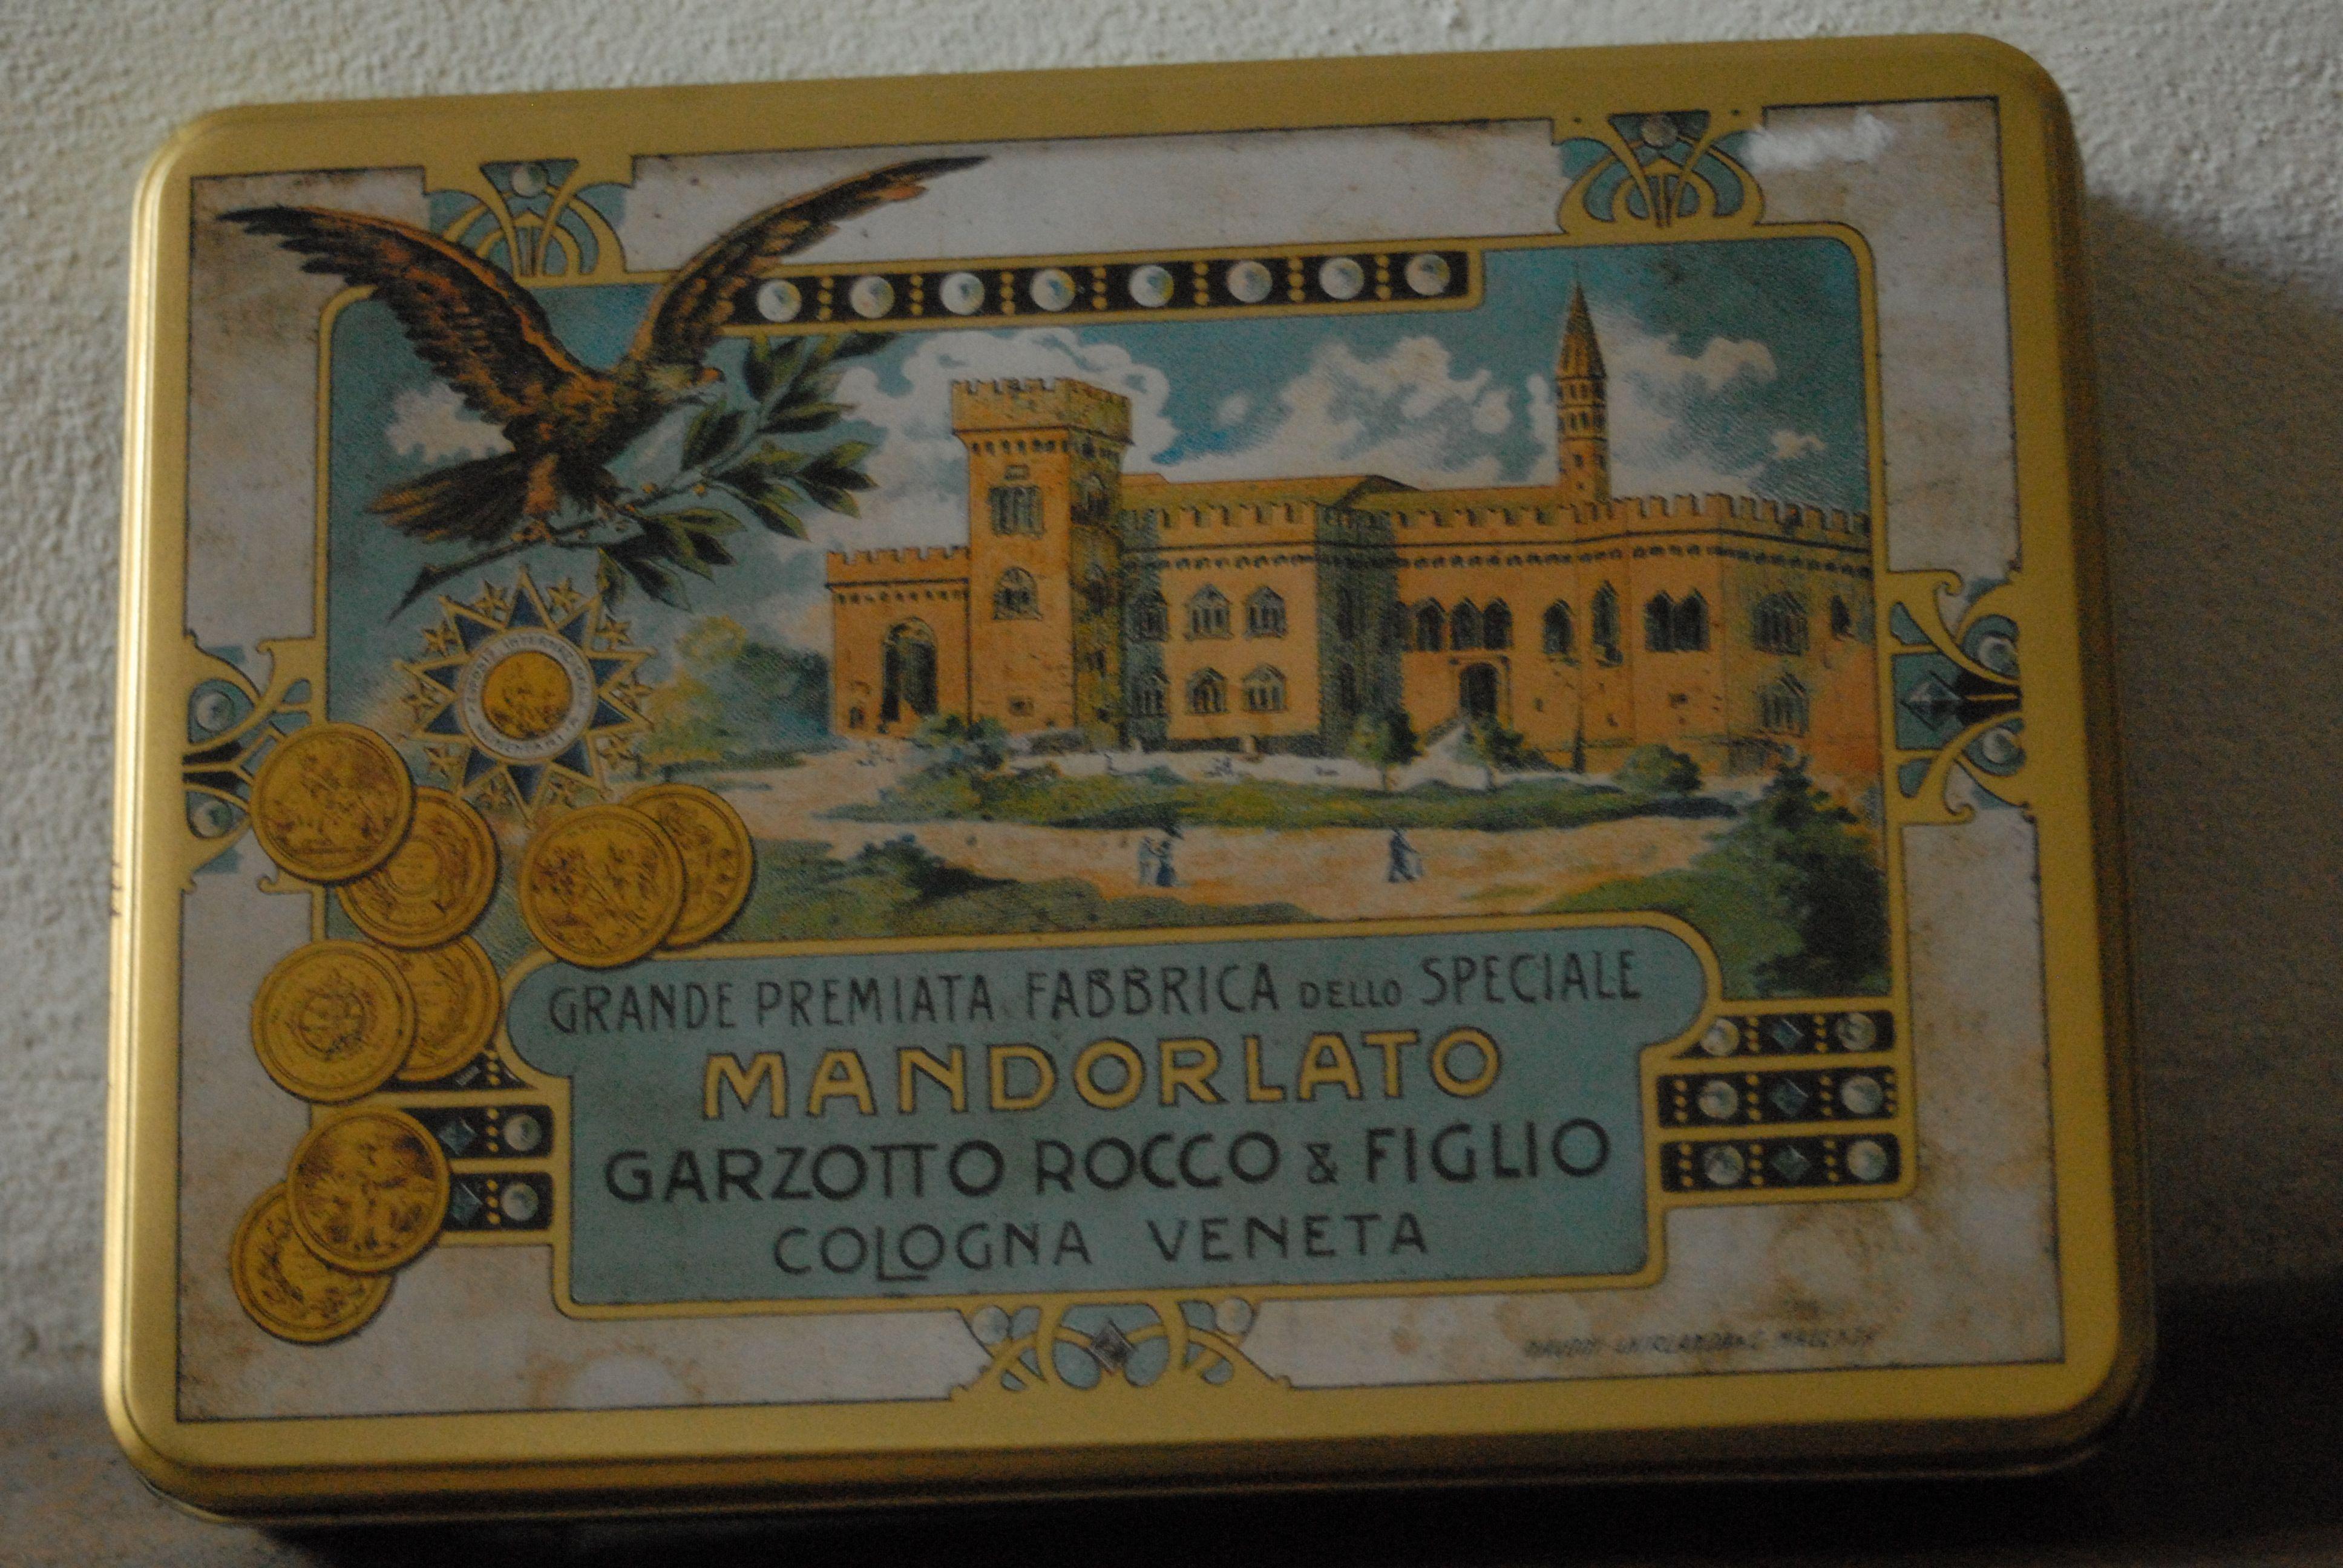 mandorlato Garzotto